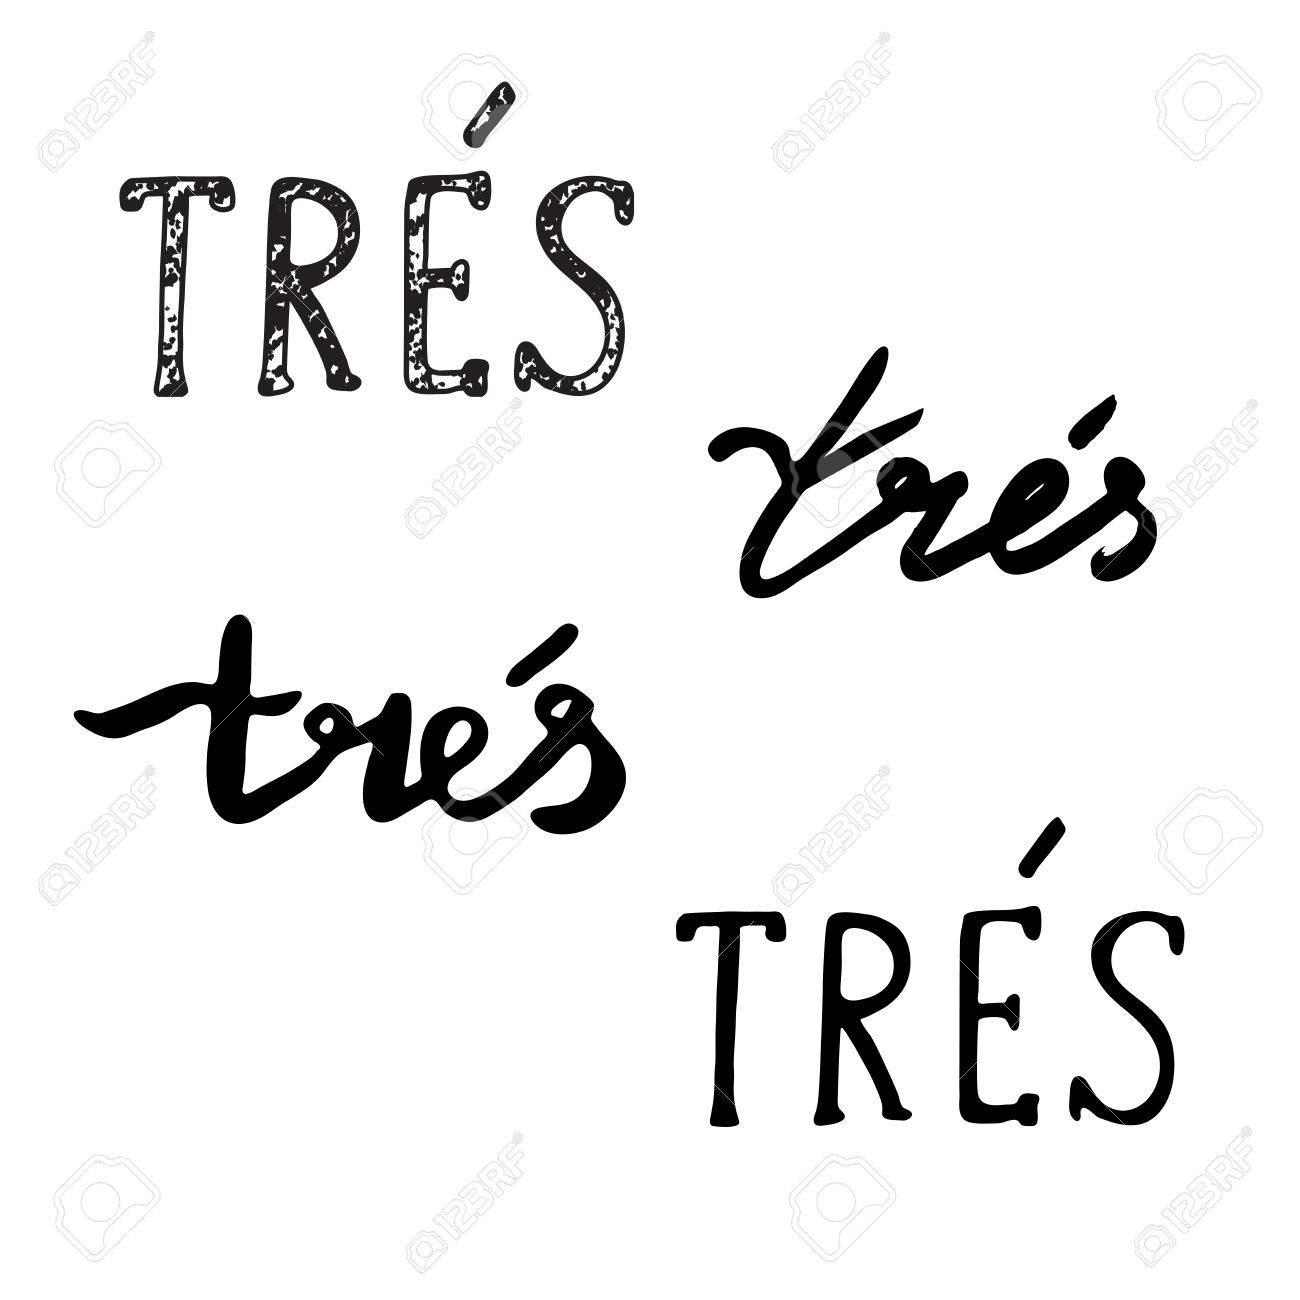 Mano Frases Extraídas Muy En Francés Escrita A Mano Inspirado Cepillo De La Caligrafía Moderna Tarjetas De Felicitación Con Cita De Las Letras